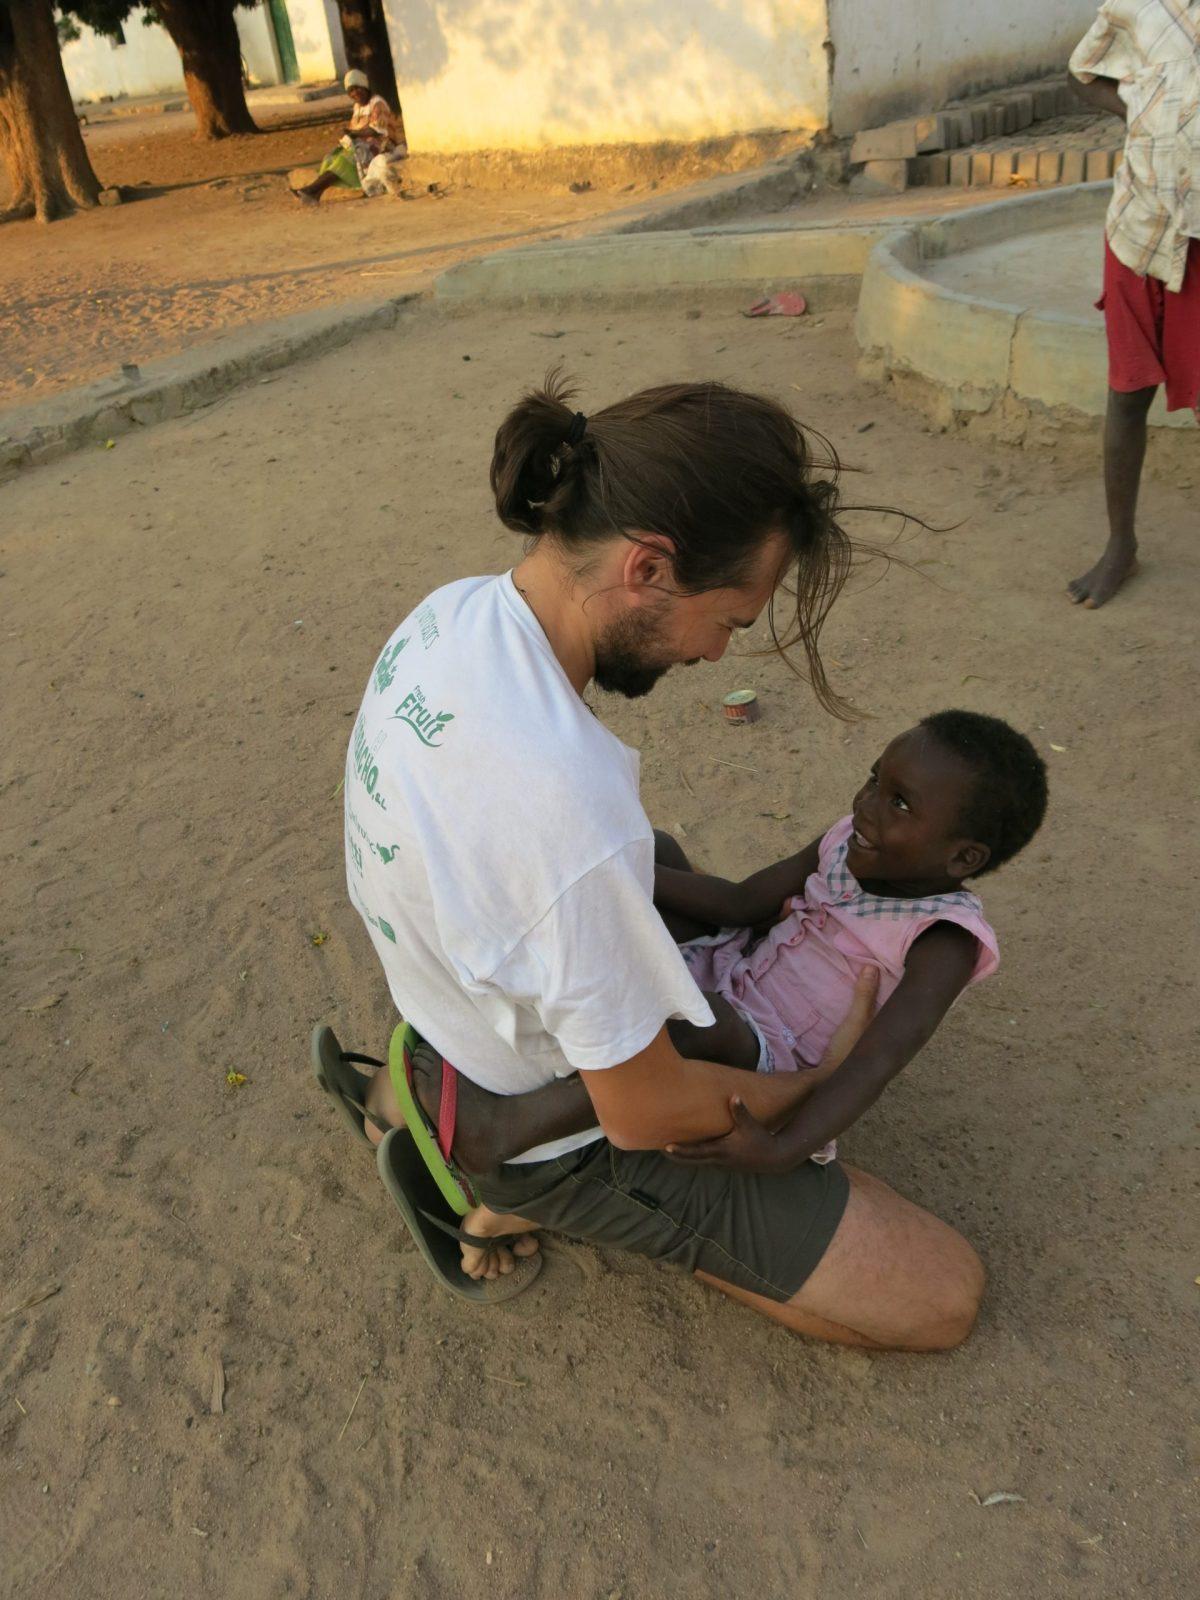 Lo esencial africa dr alegria etiopia